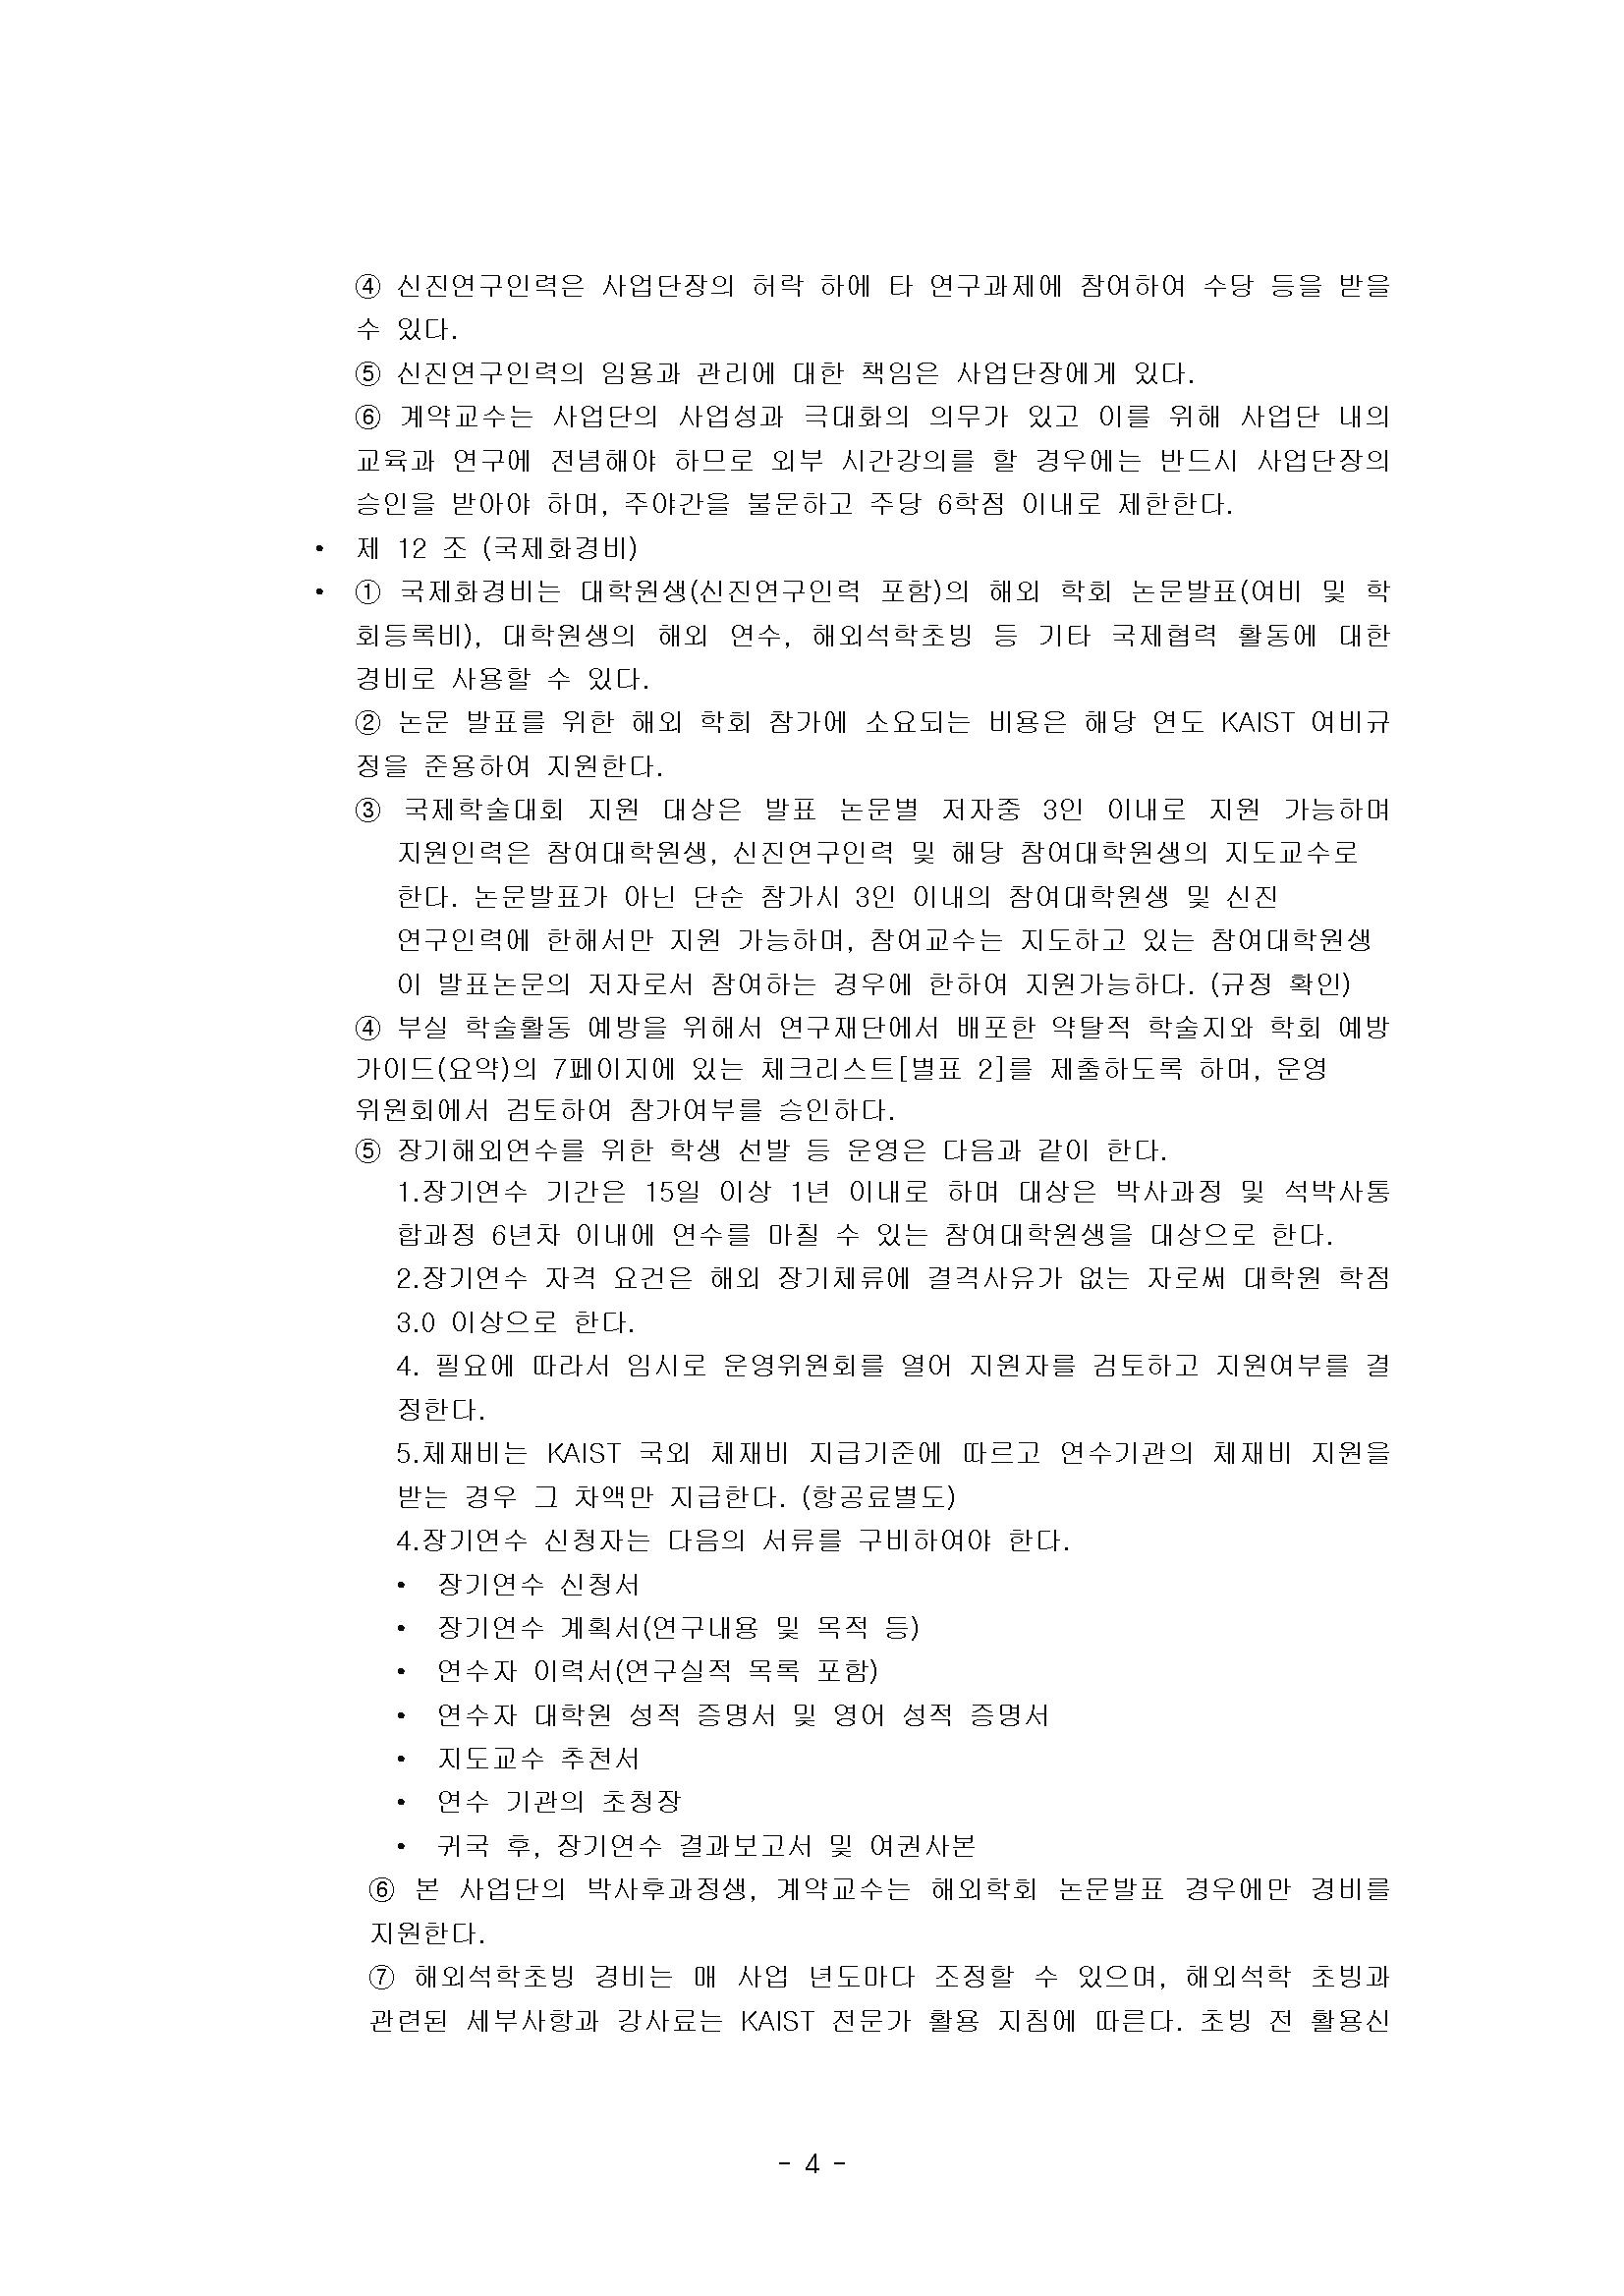 운영내규_페이지_4